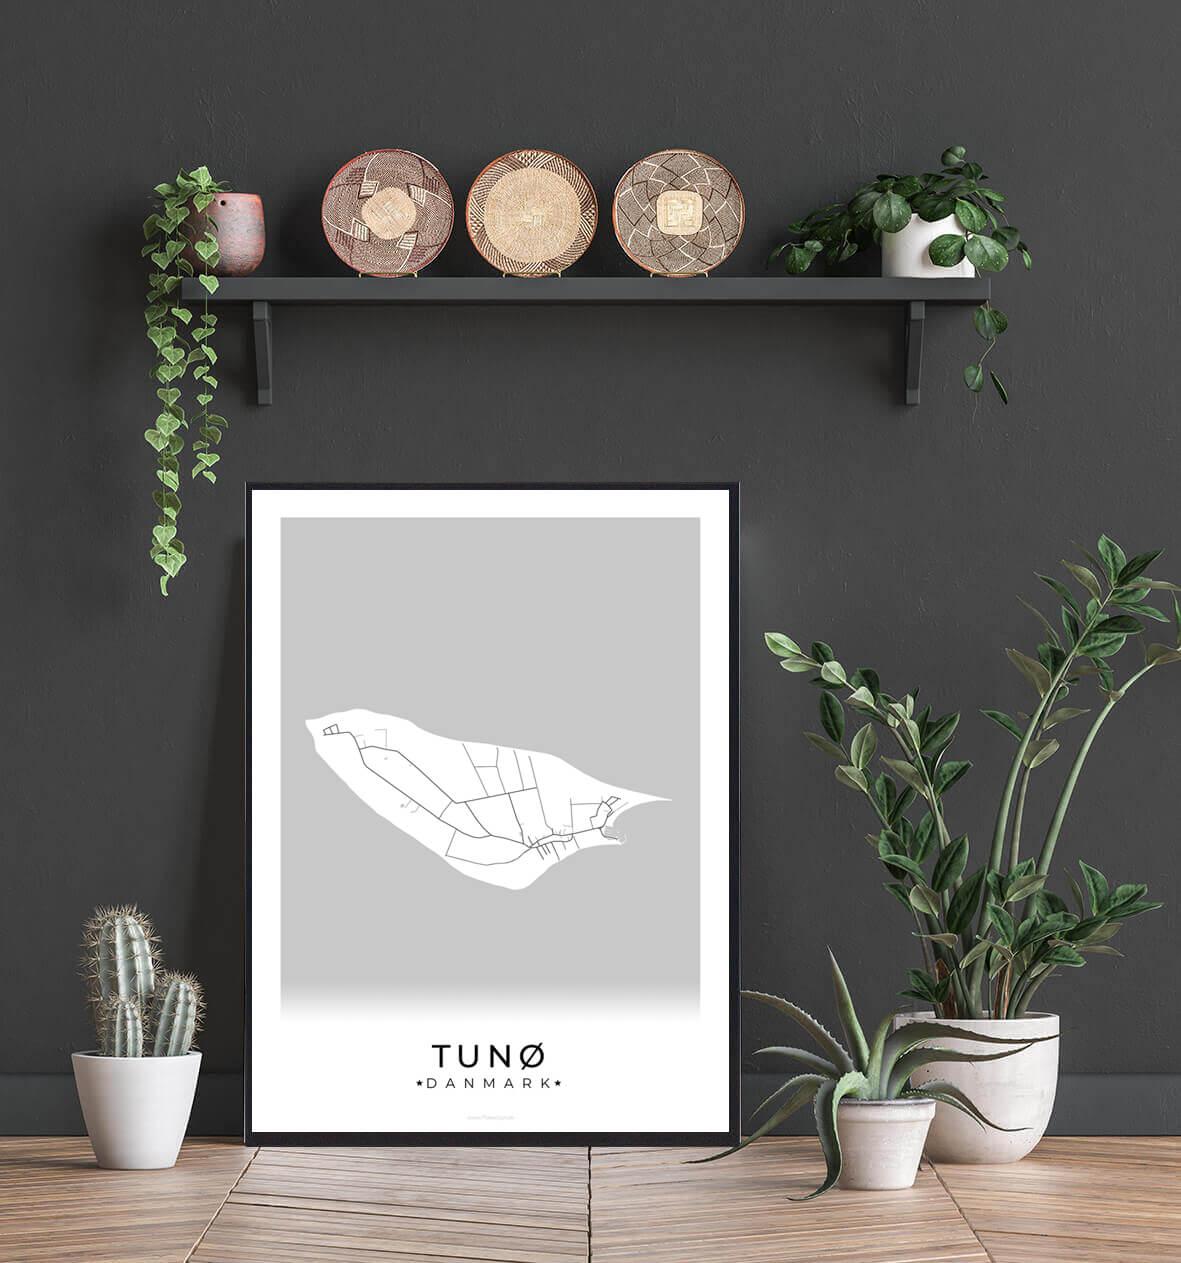 Tunoe-plakat-omraade-hvid-2